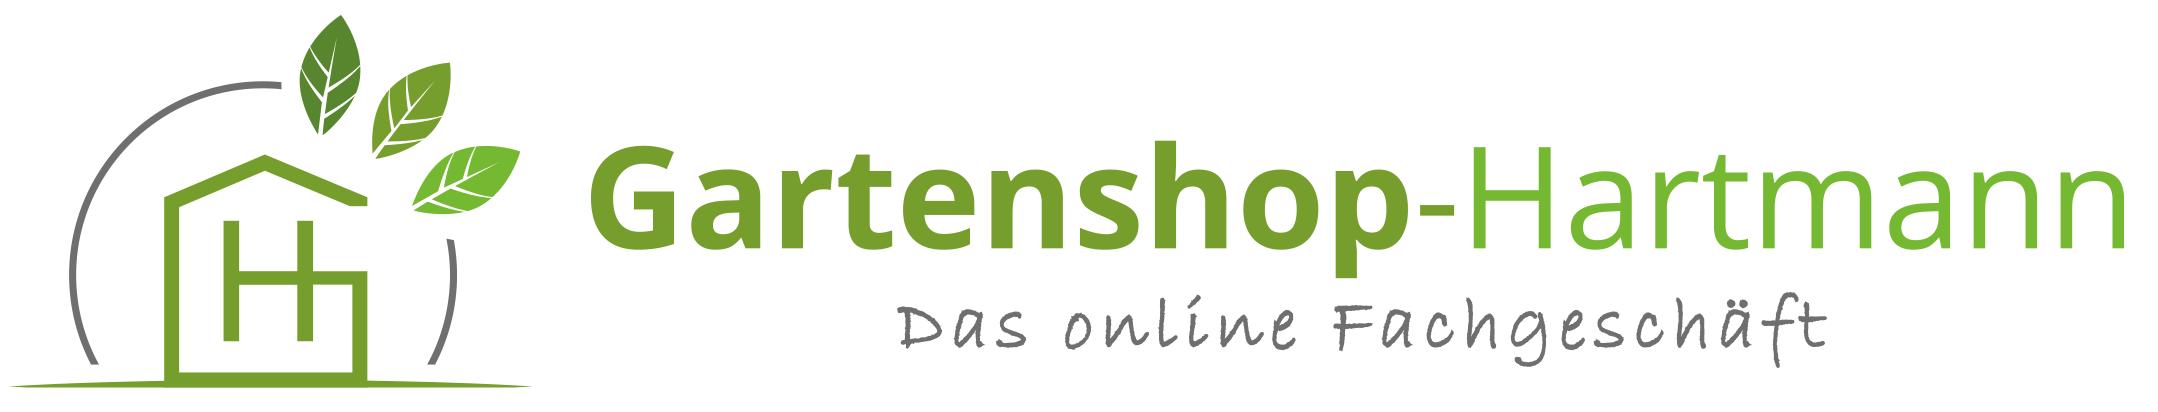 Gartenshop-Hartmann-Logo